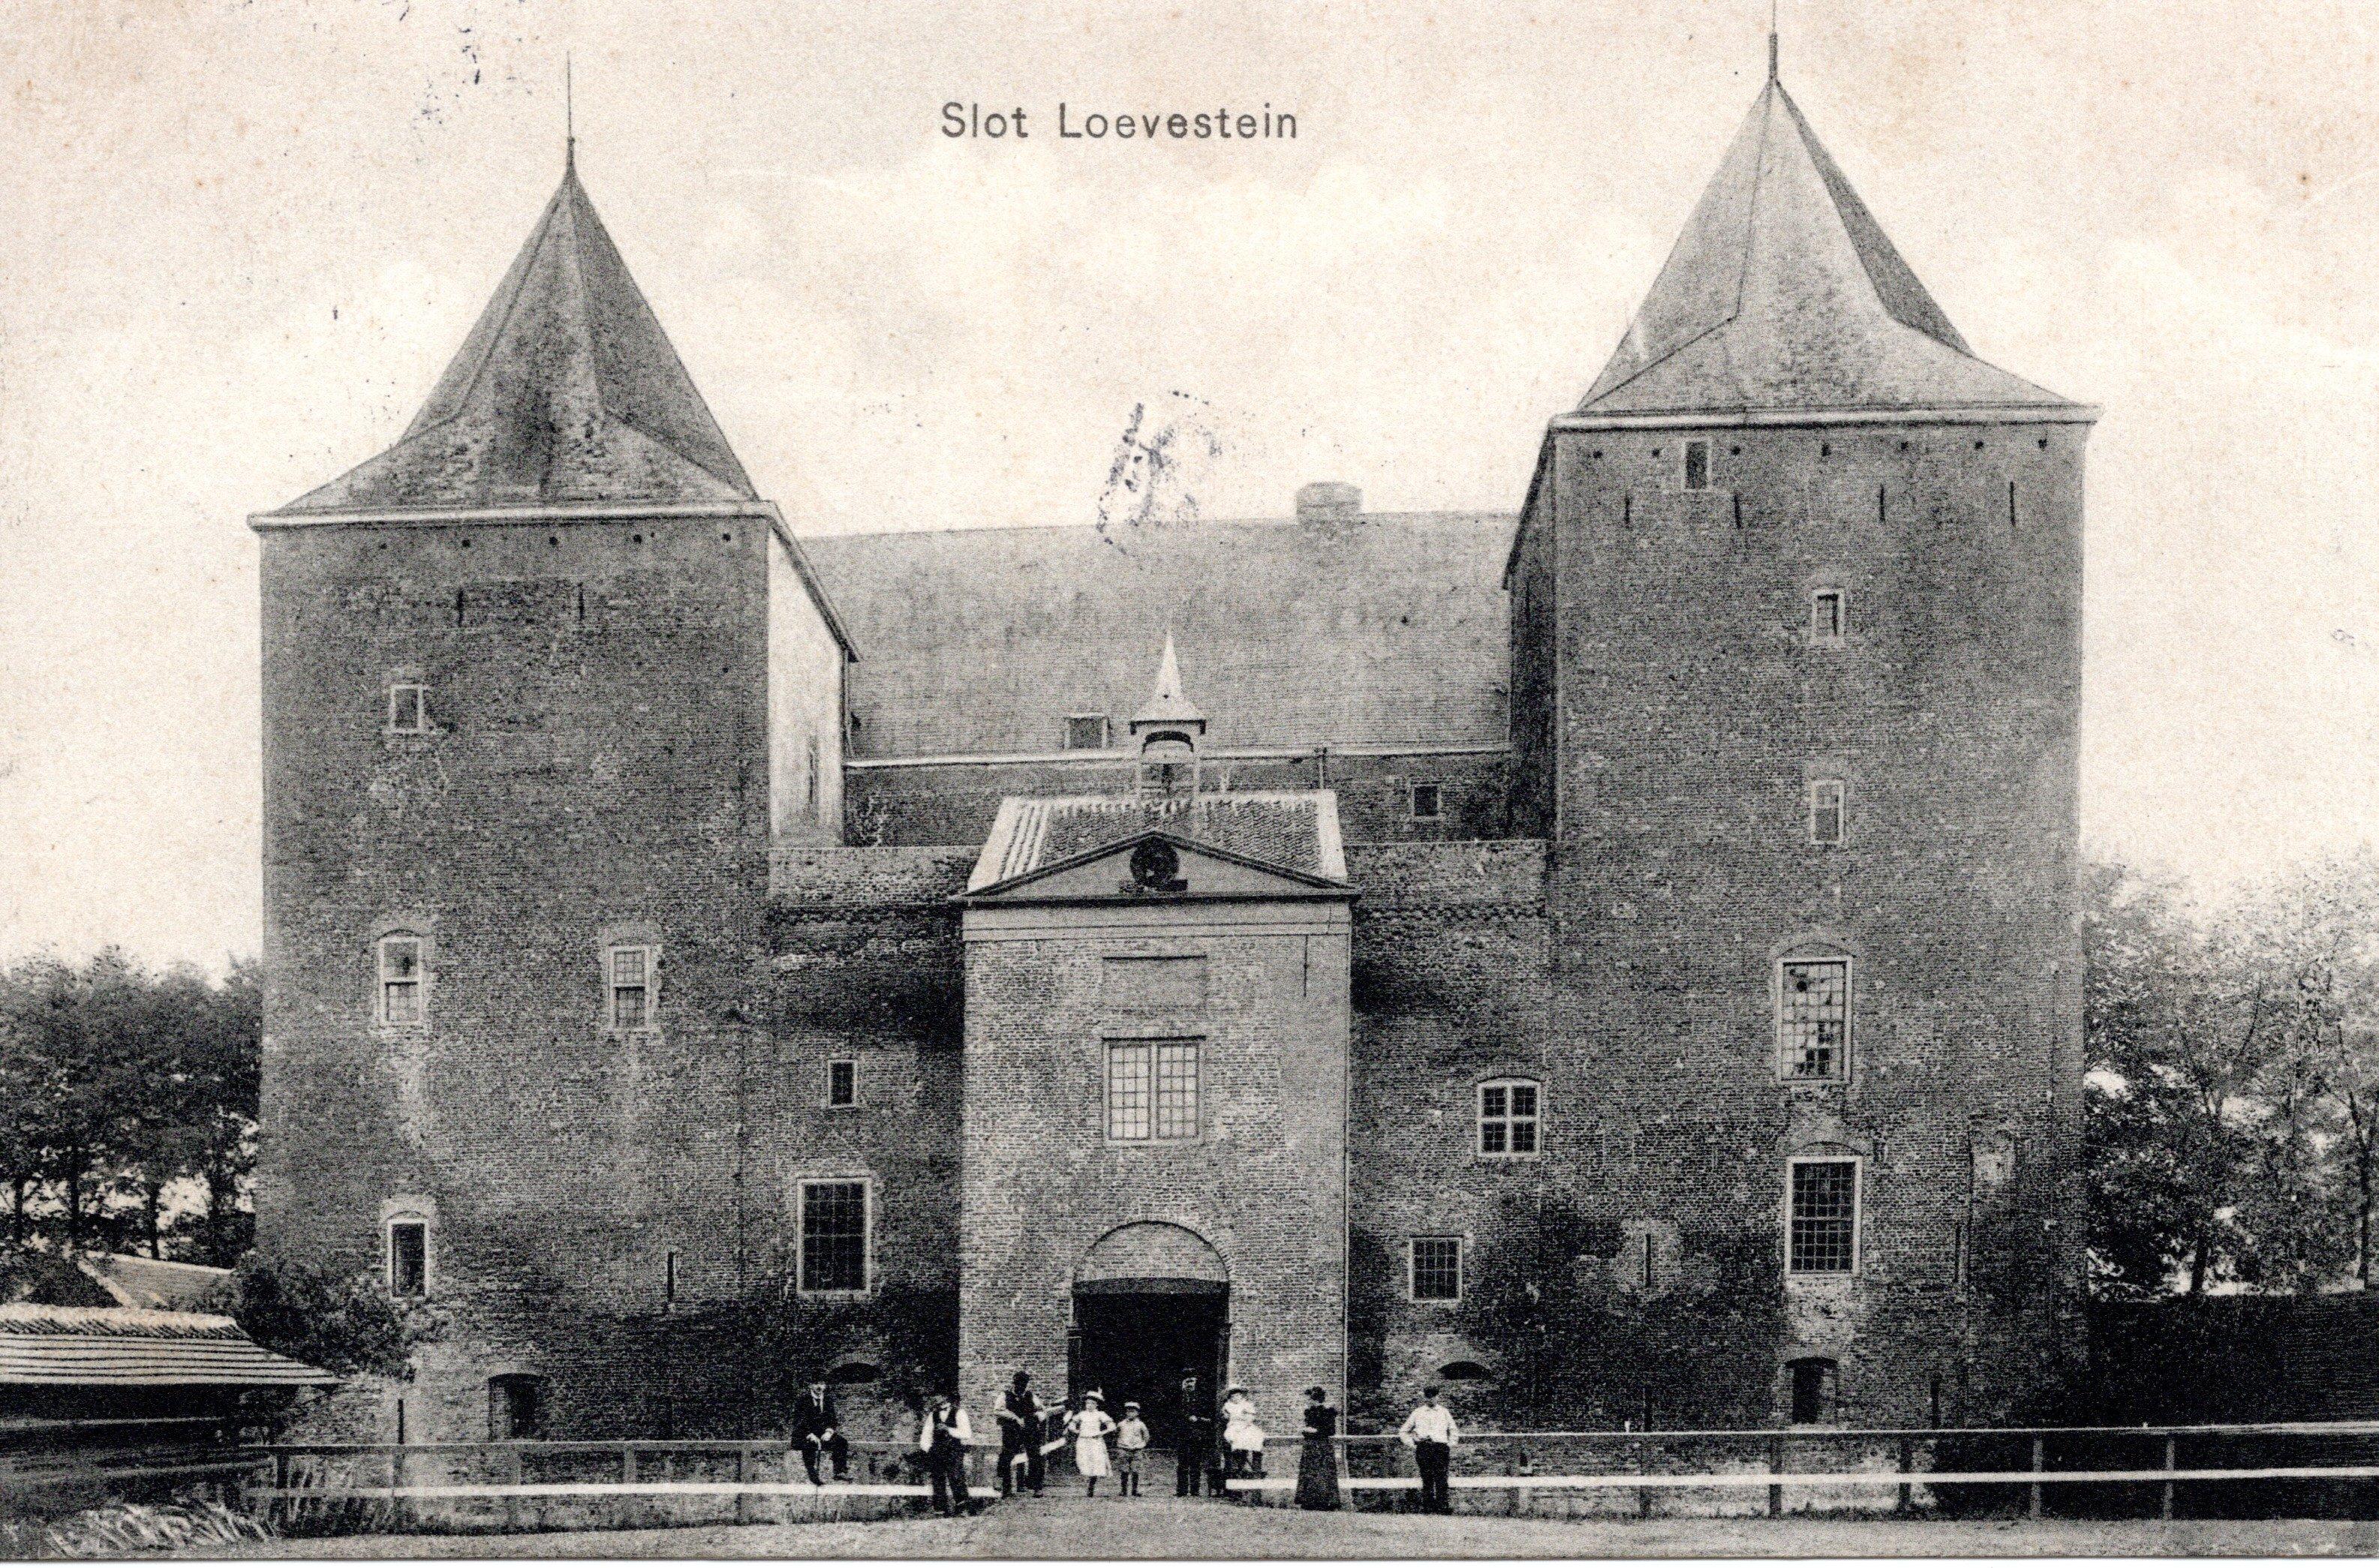 B34-Slot-Loevestein-1912